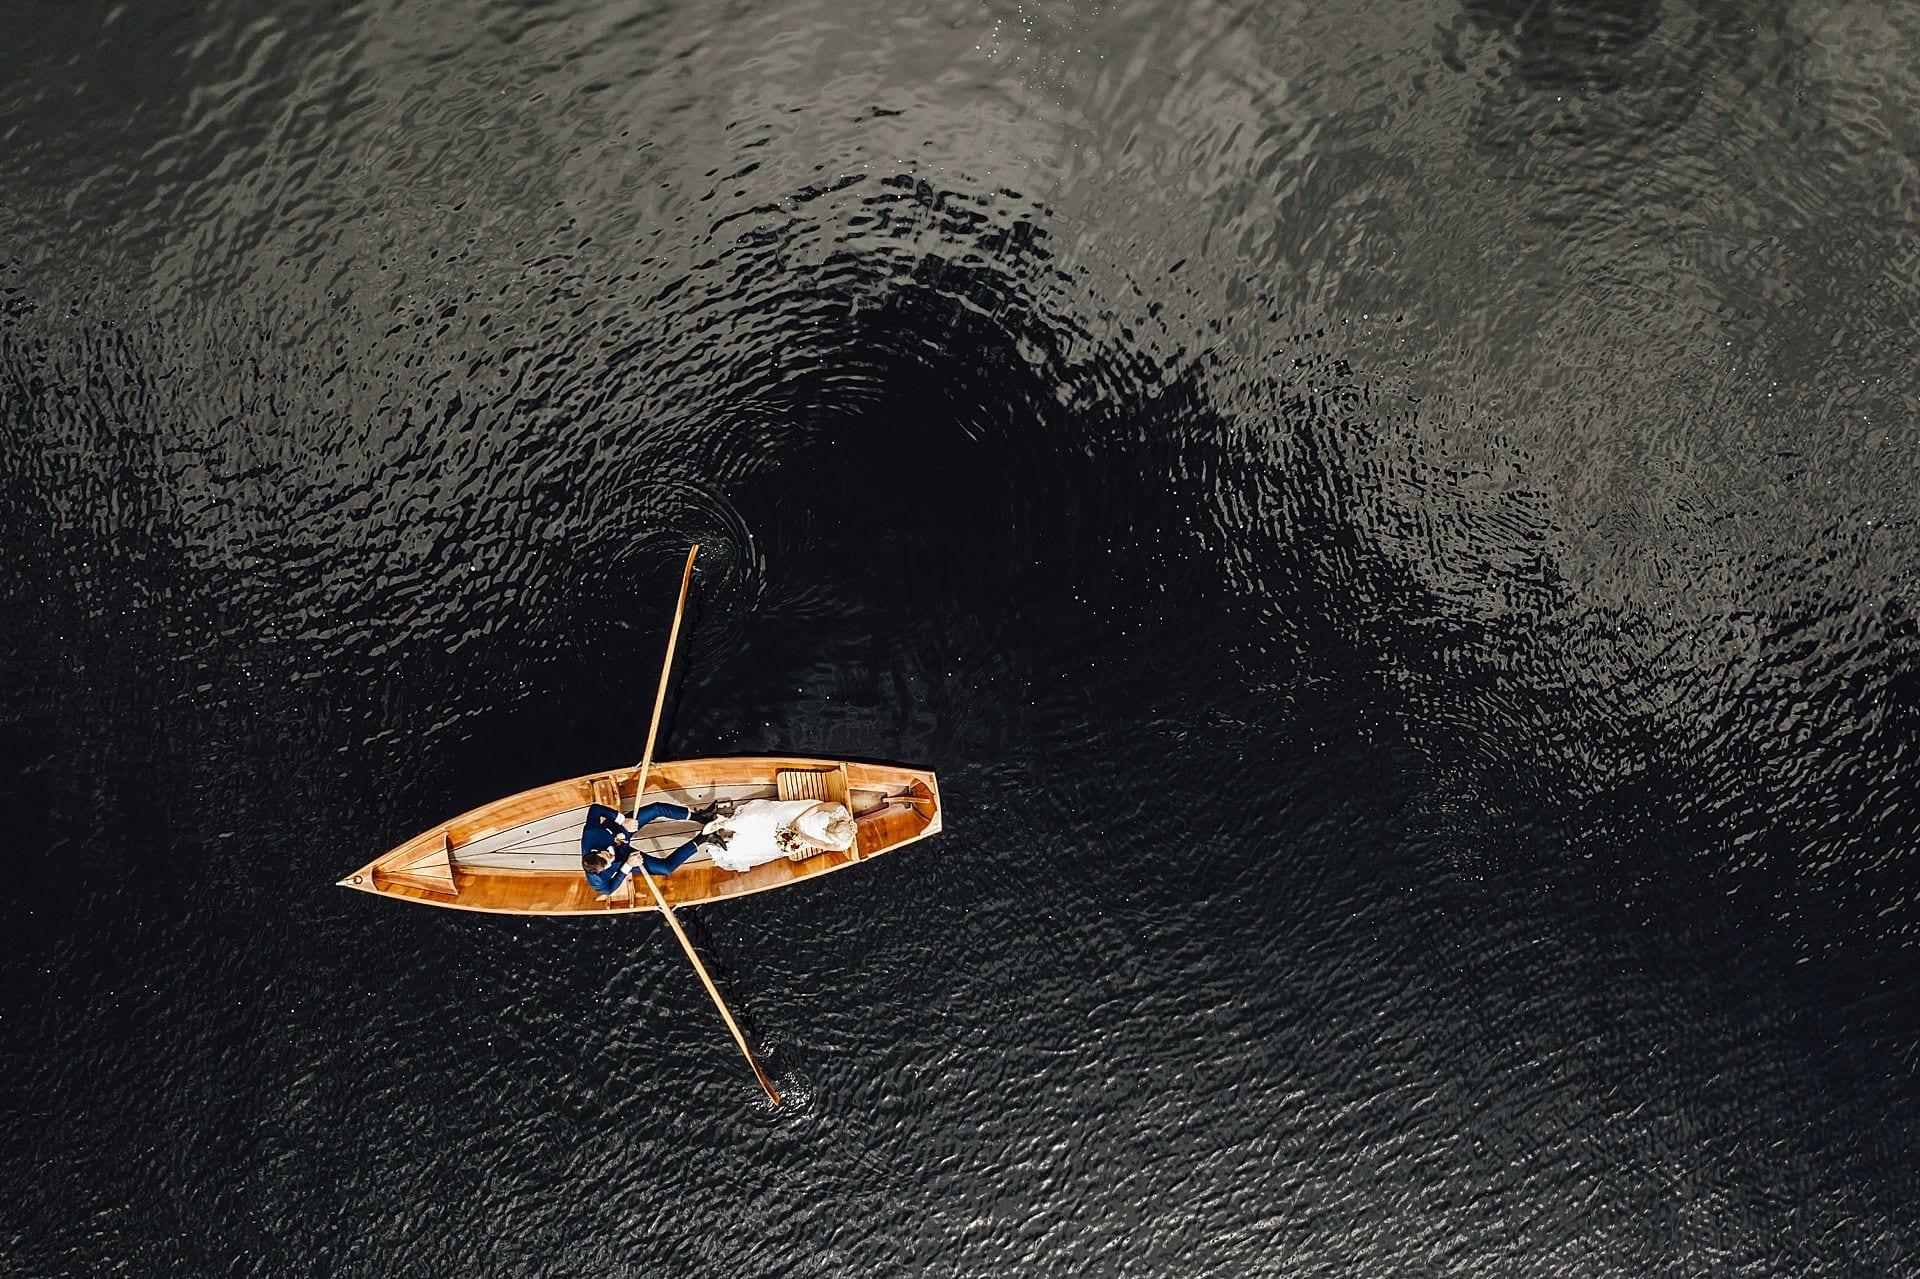 Brautpaar in einem Boot auf dem See.